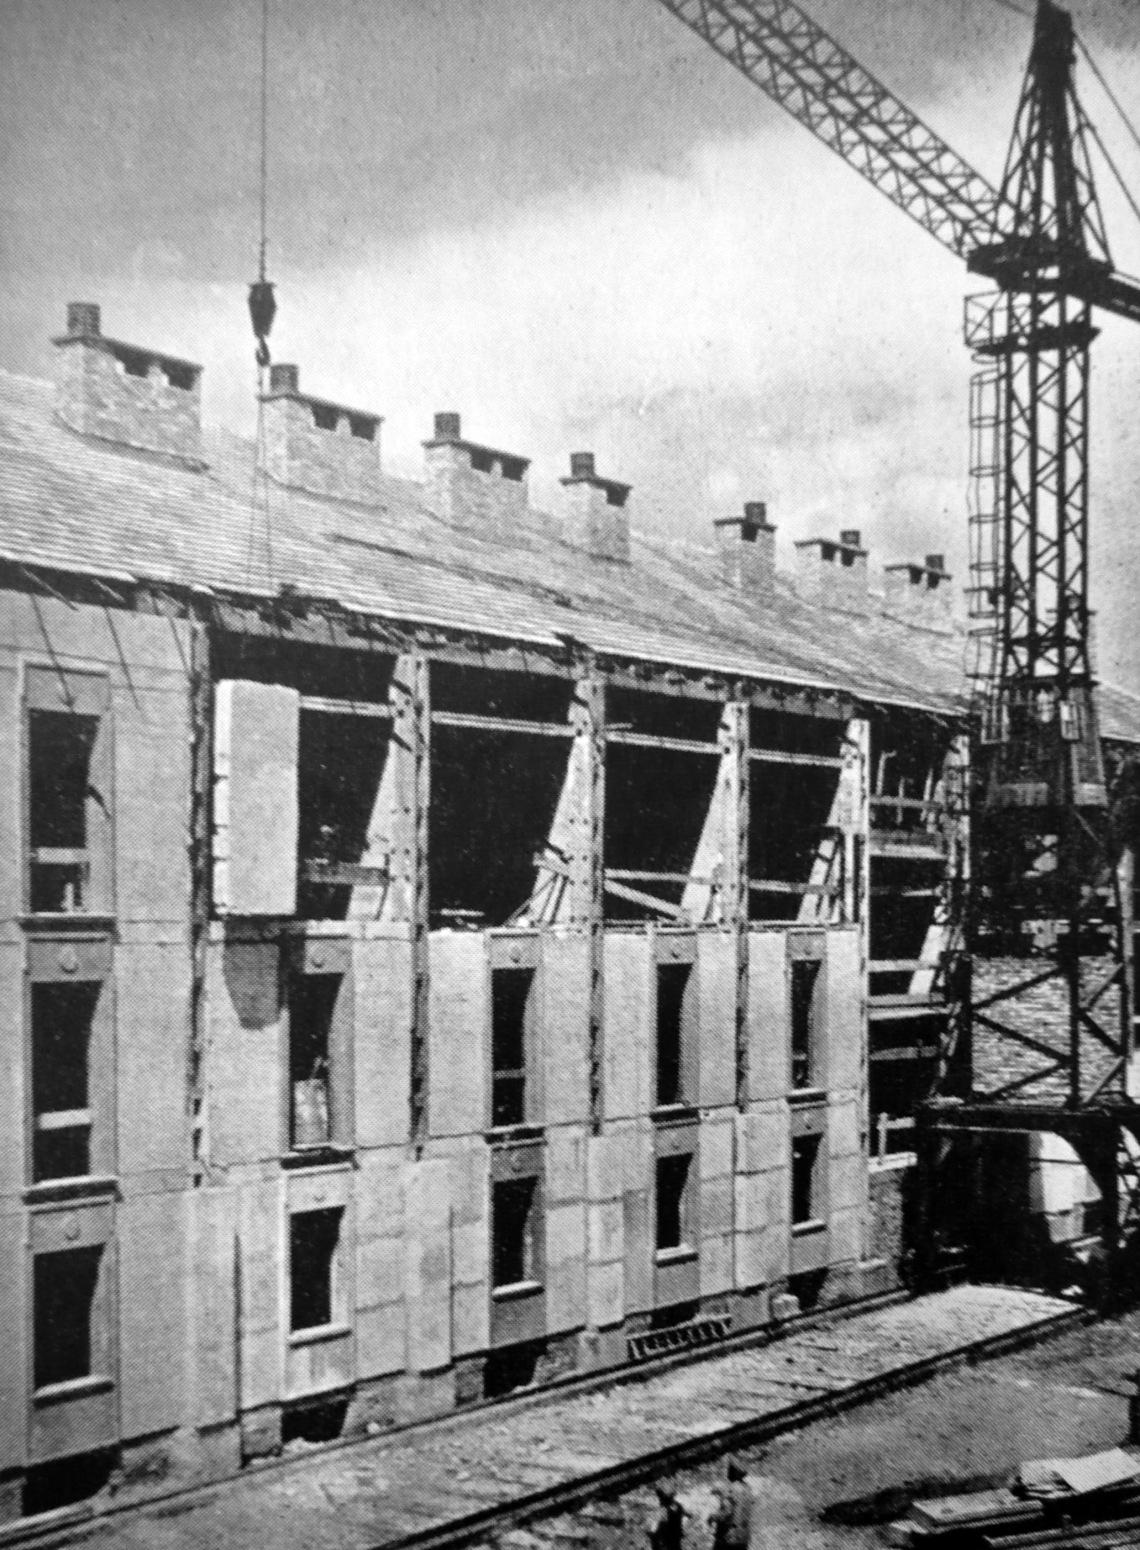 Kísérleti előregyártott gázszilikát blokkokból épített épület 1953-ból, Budapesten a Gubacsi híd mellett. Még látunk díszítést a blokkokon. (forrás: MÉ 1955/6.)